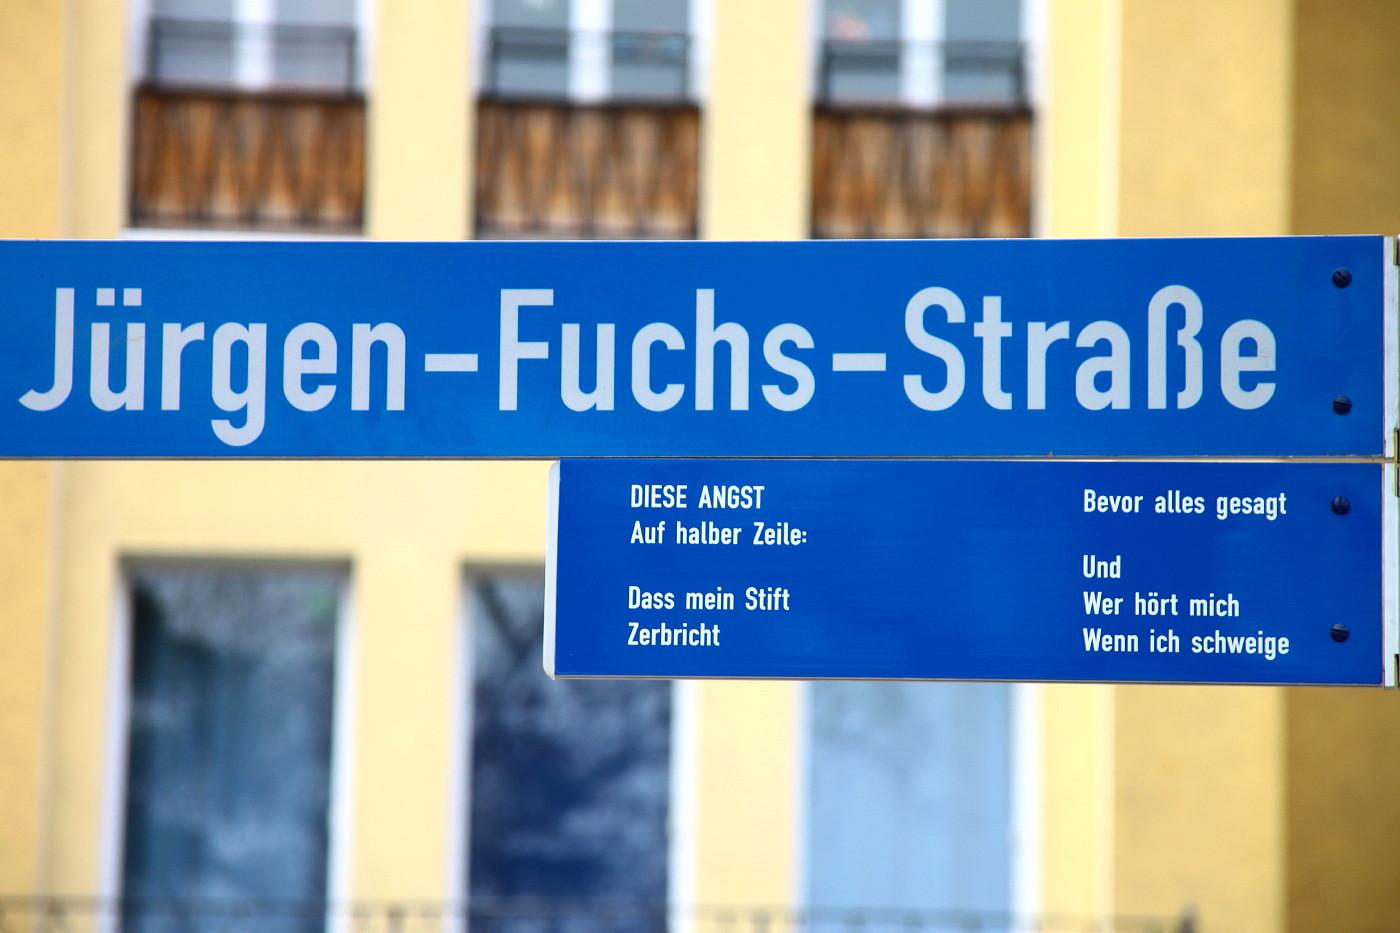 Jürgen Fuchs Strasse (3)